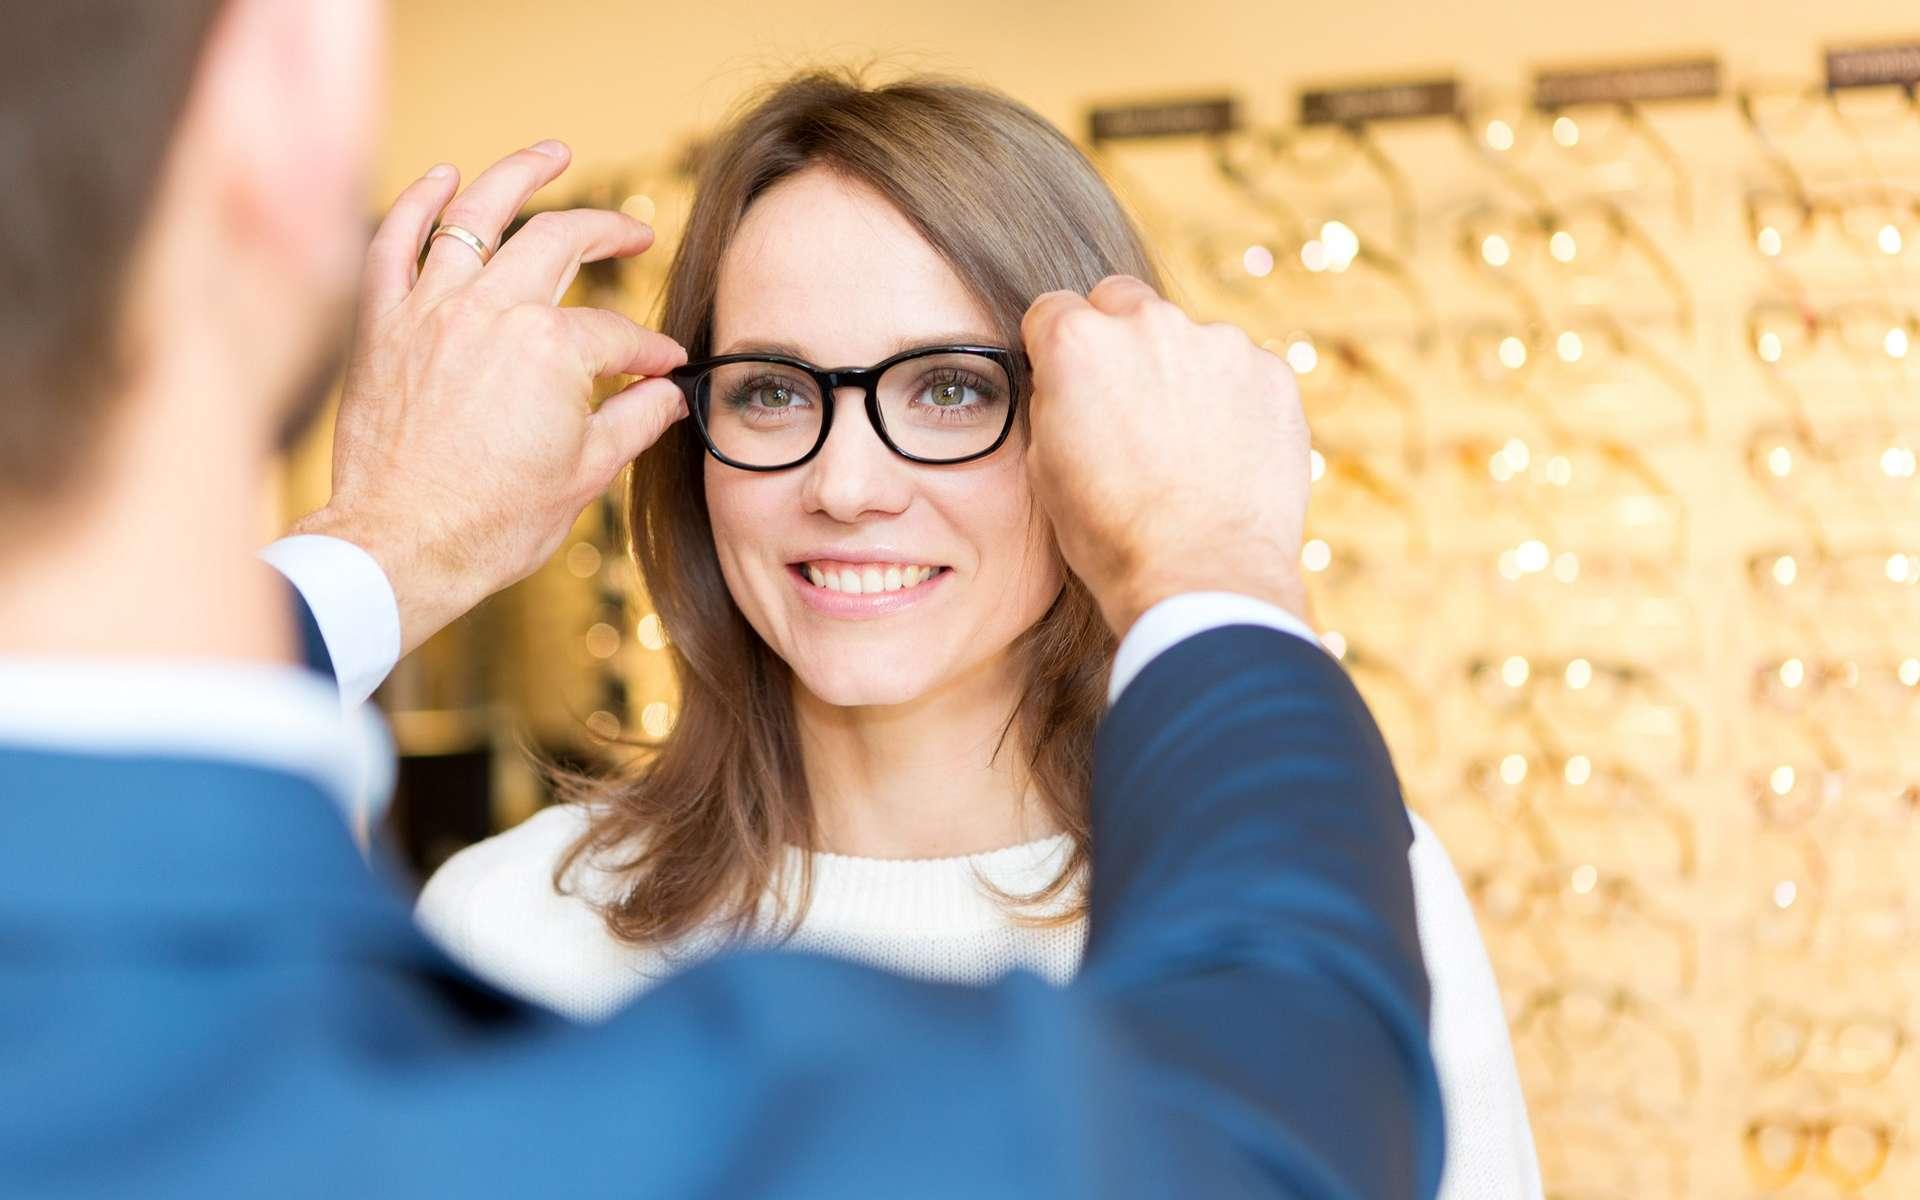 L'opticien-lunetier vend des lunettes et des lentilles de contact mais il a aussi un rôle de conseiller important auprès de ses clients. © Production Perig, Adobe Stock.